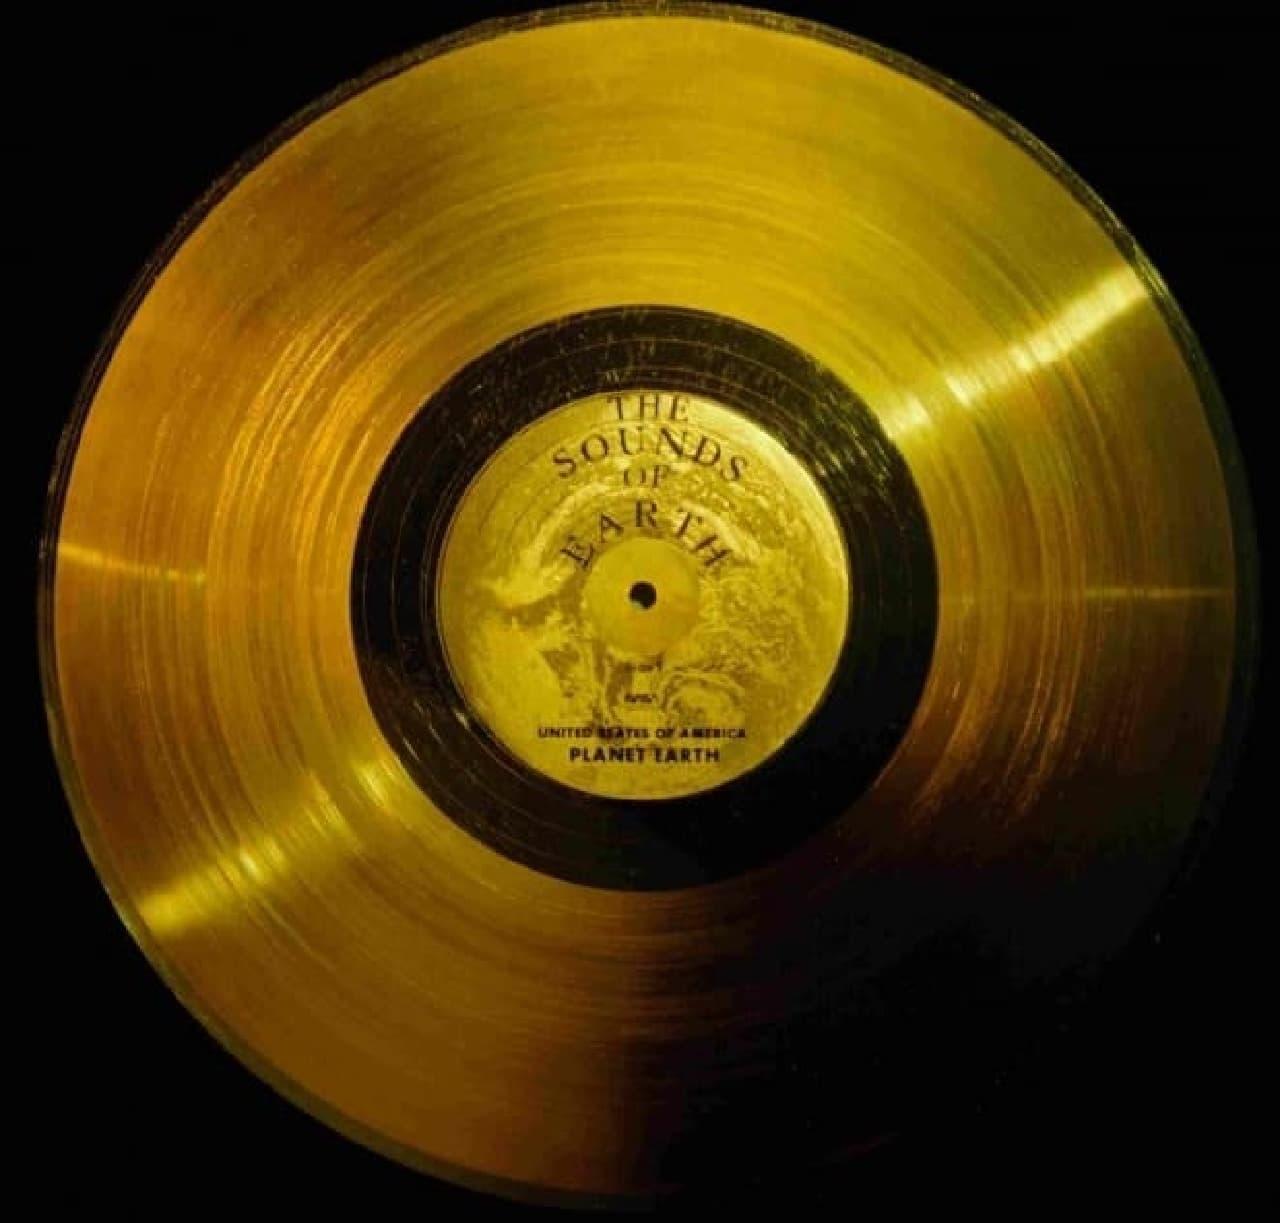 宇宙人へのメッセージが収録された「ゴールデンレコード」